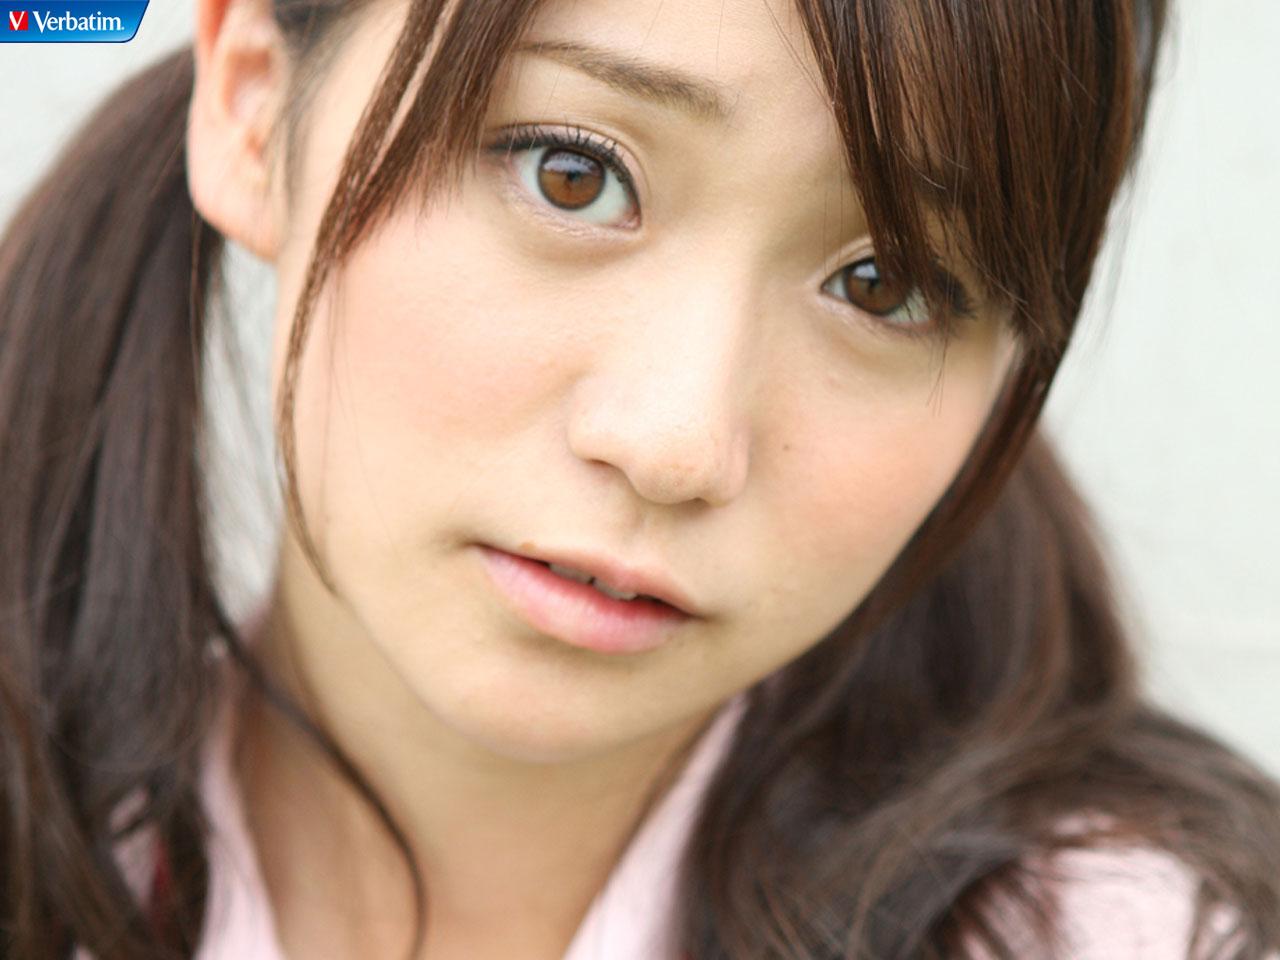 大島優子ザーメンぶっかけ 37_053_11